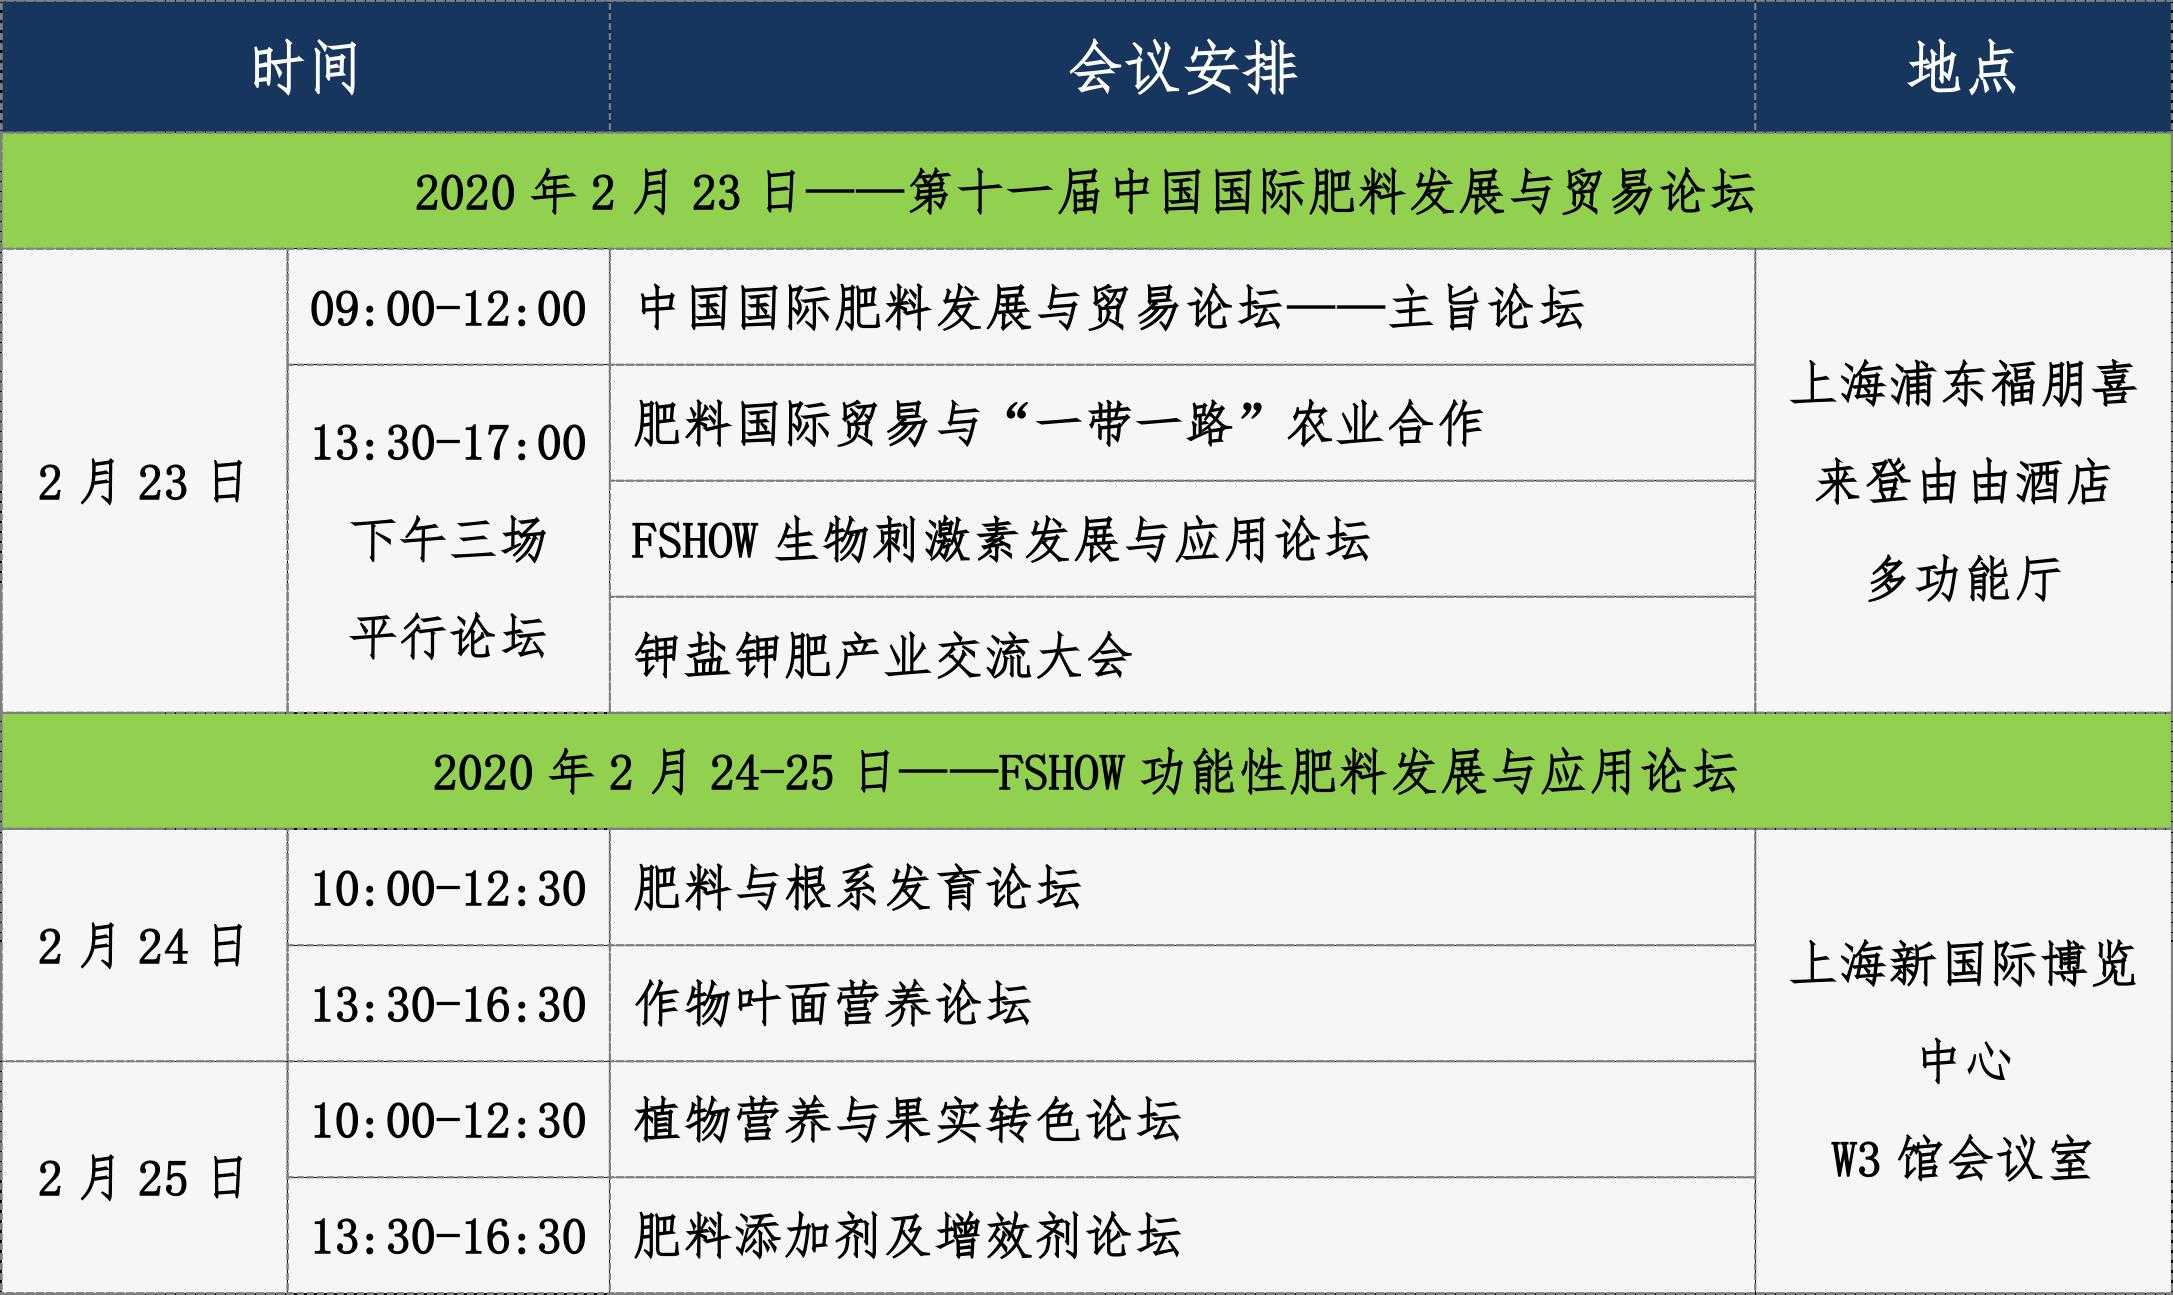 2020年中国国际肥料发展与贸易论坛 - 版1-2.png